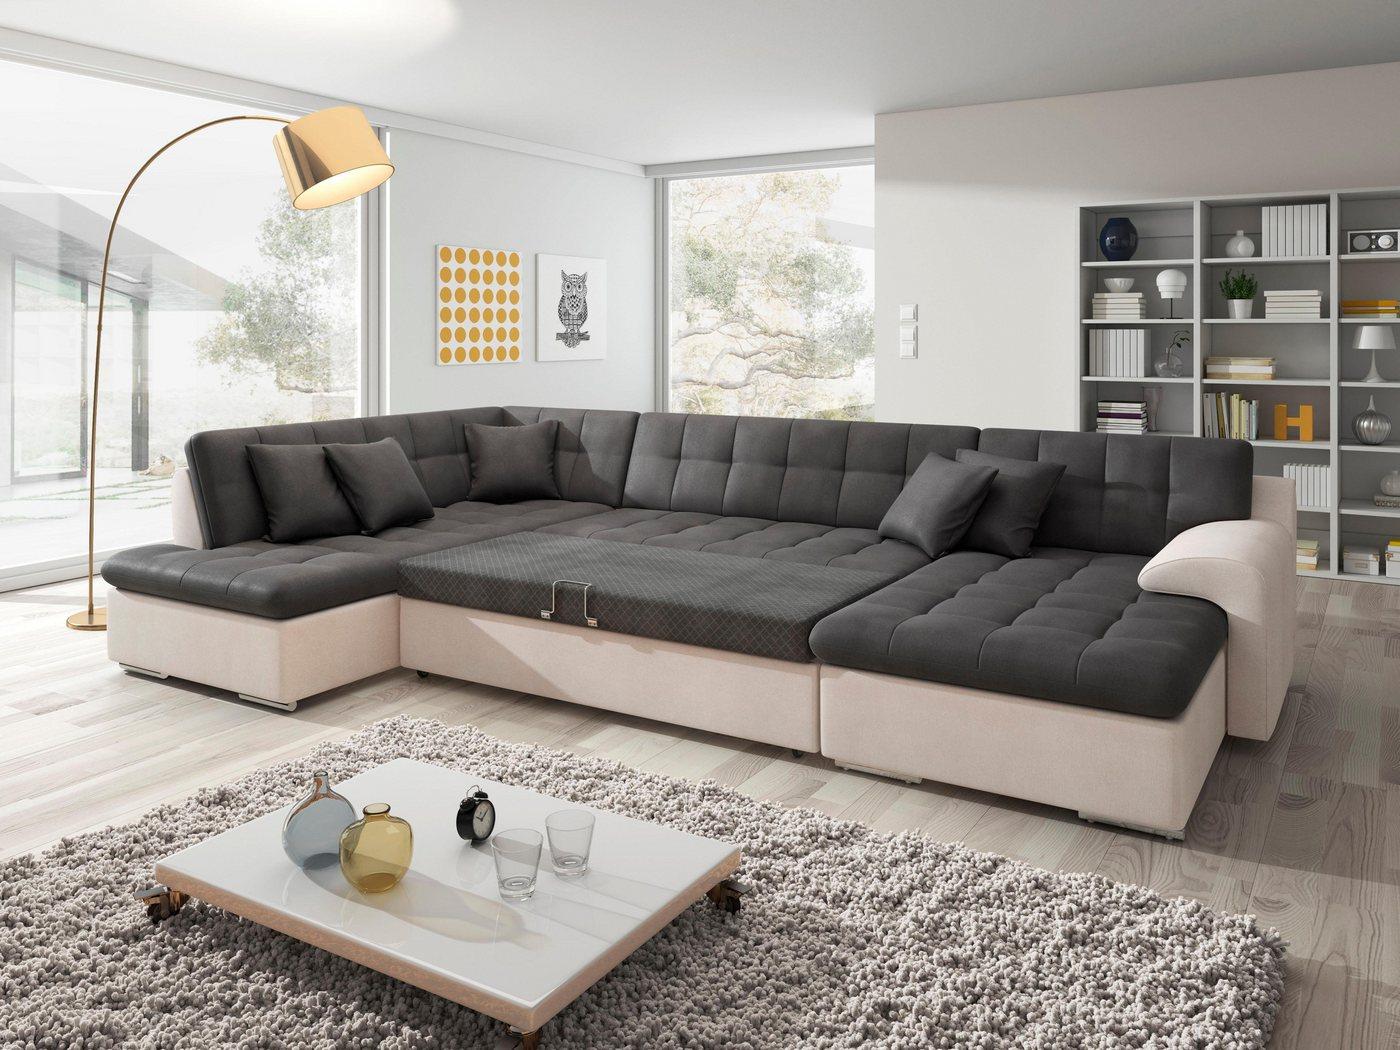 TRENDMANUFAKTUR Wohnlandschaft, wahlweise mit Bettfunktion   Wohnzimmer > Sofas & Couches > Wohnlandschaften   Grau   Holzwerkstoff   TRENDMANUFAKTUR